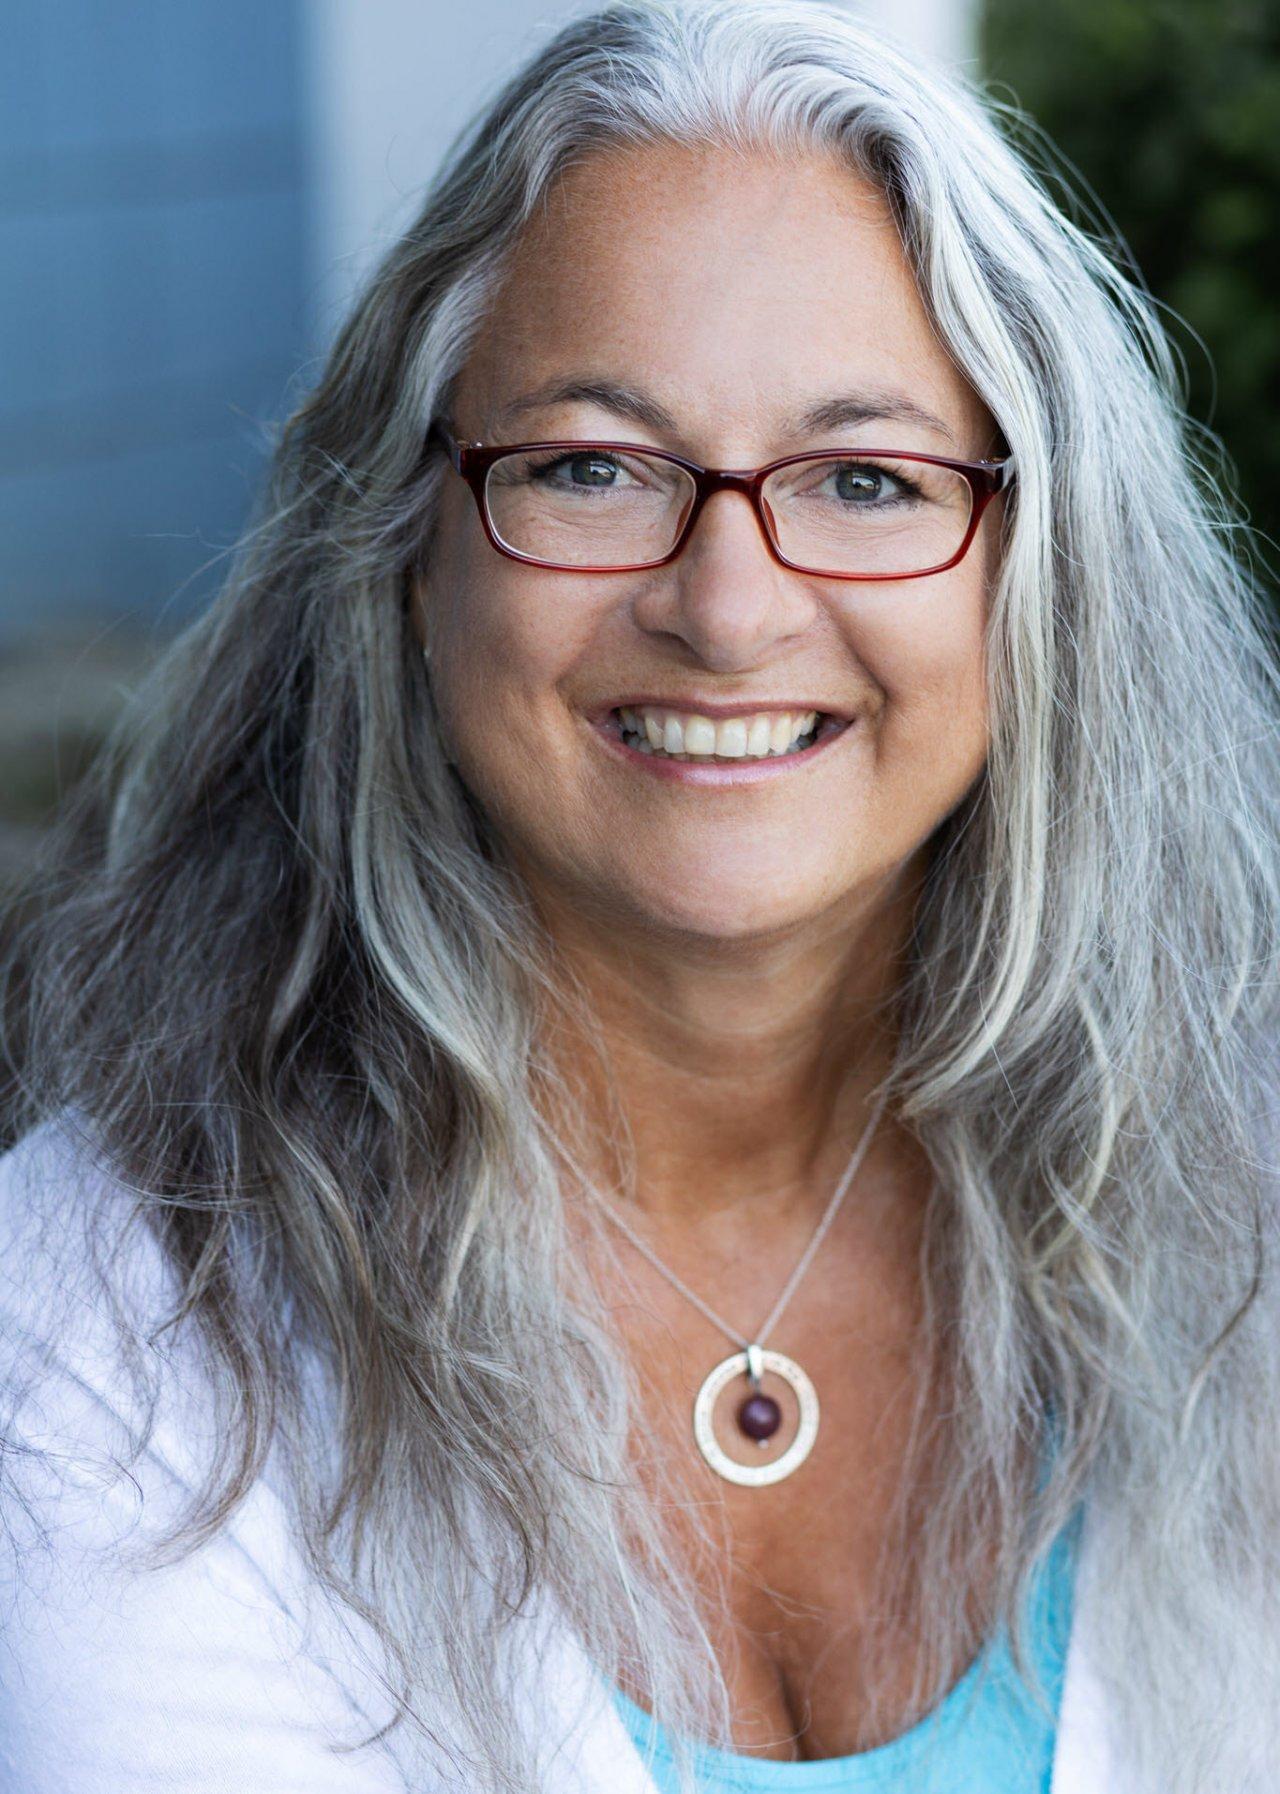 Birgit Fuchsenthaler, Qualitätspartnerin aus Neckargemünd, steht vor einem weißen Hintergrund. Sie hat lange graue Haare und trägt neben einem weißen Liebscher & Bracht T-Shirt, eine bunte runde Brille.